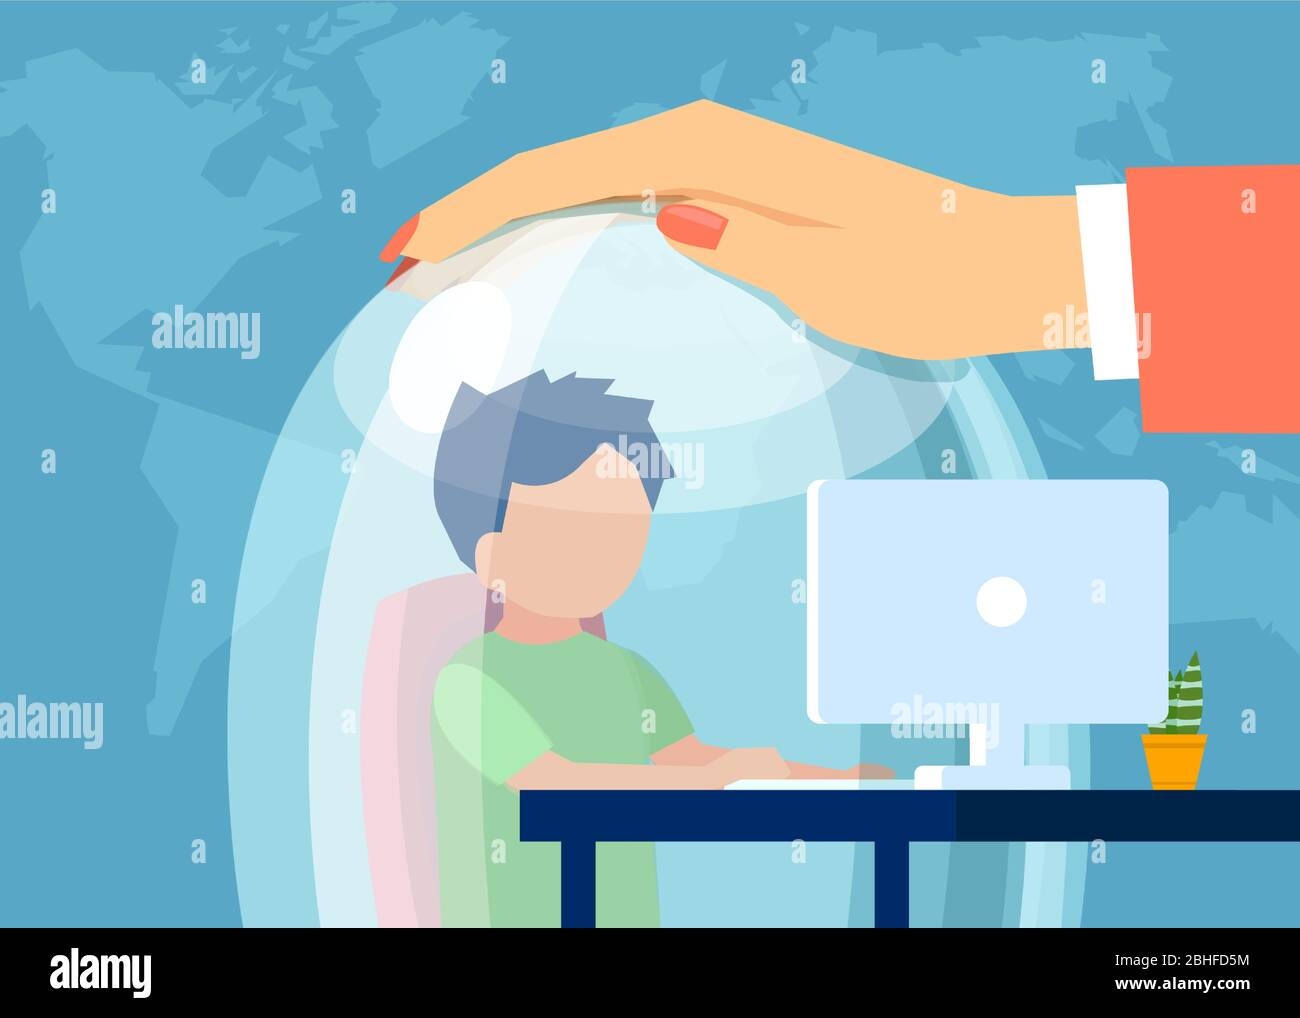 Vector de una madre manteniendo a un niño en una cúpula de cristal mientras está navegando por la web. Seguro de Internet para niños concepto Ilustración del Vector